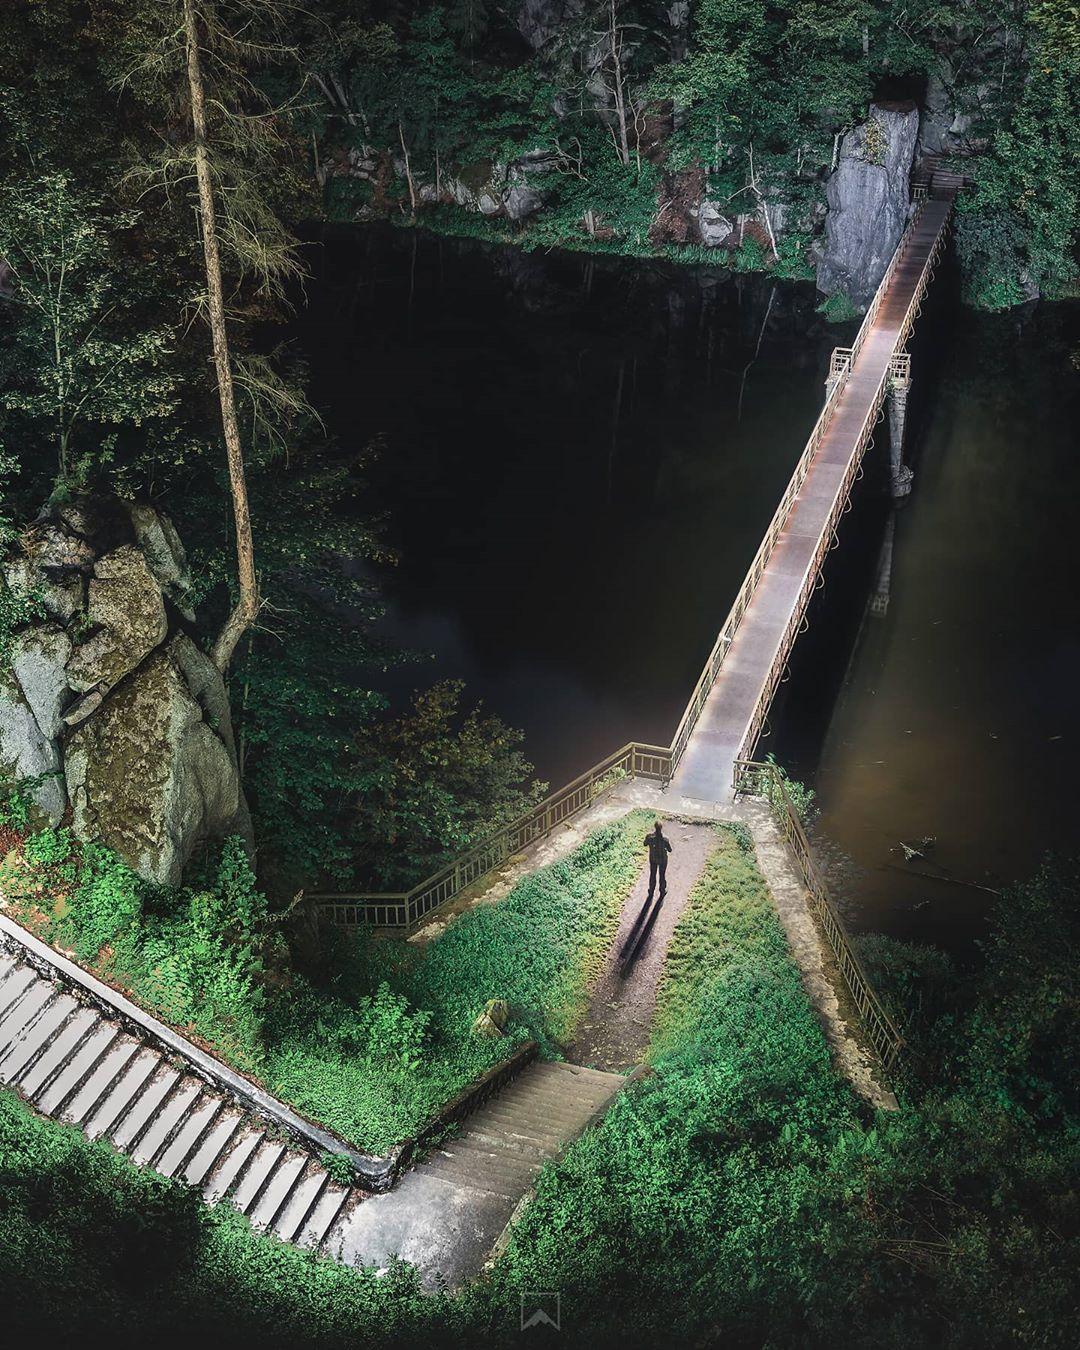 man standing before long bridge overlooking water